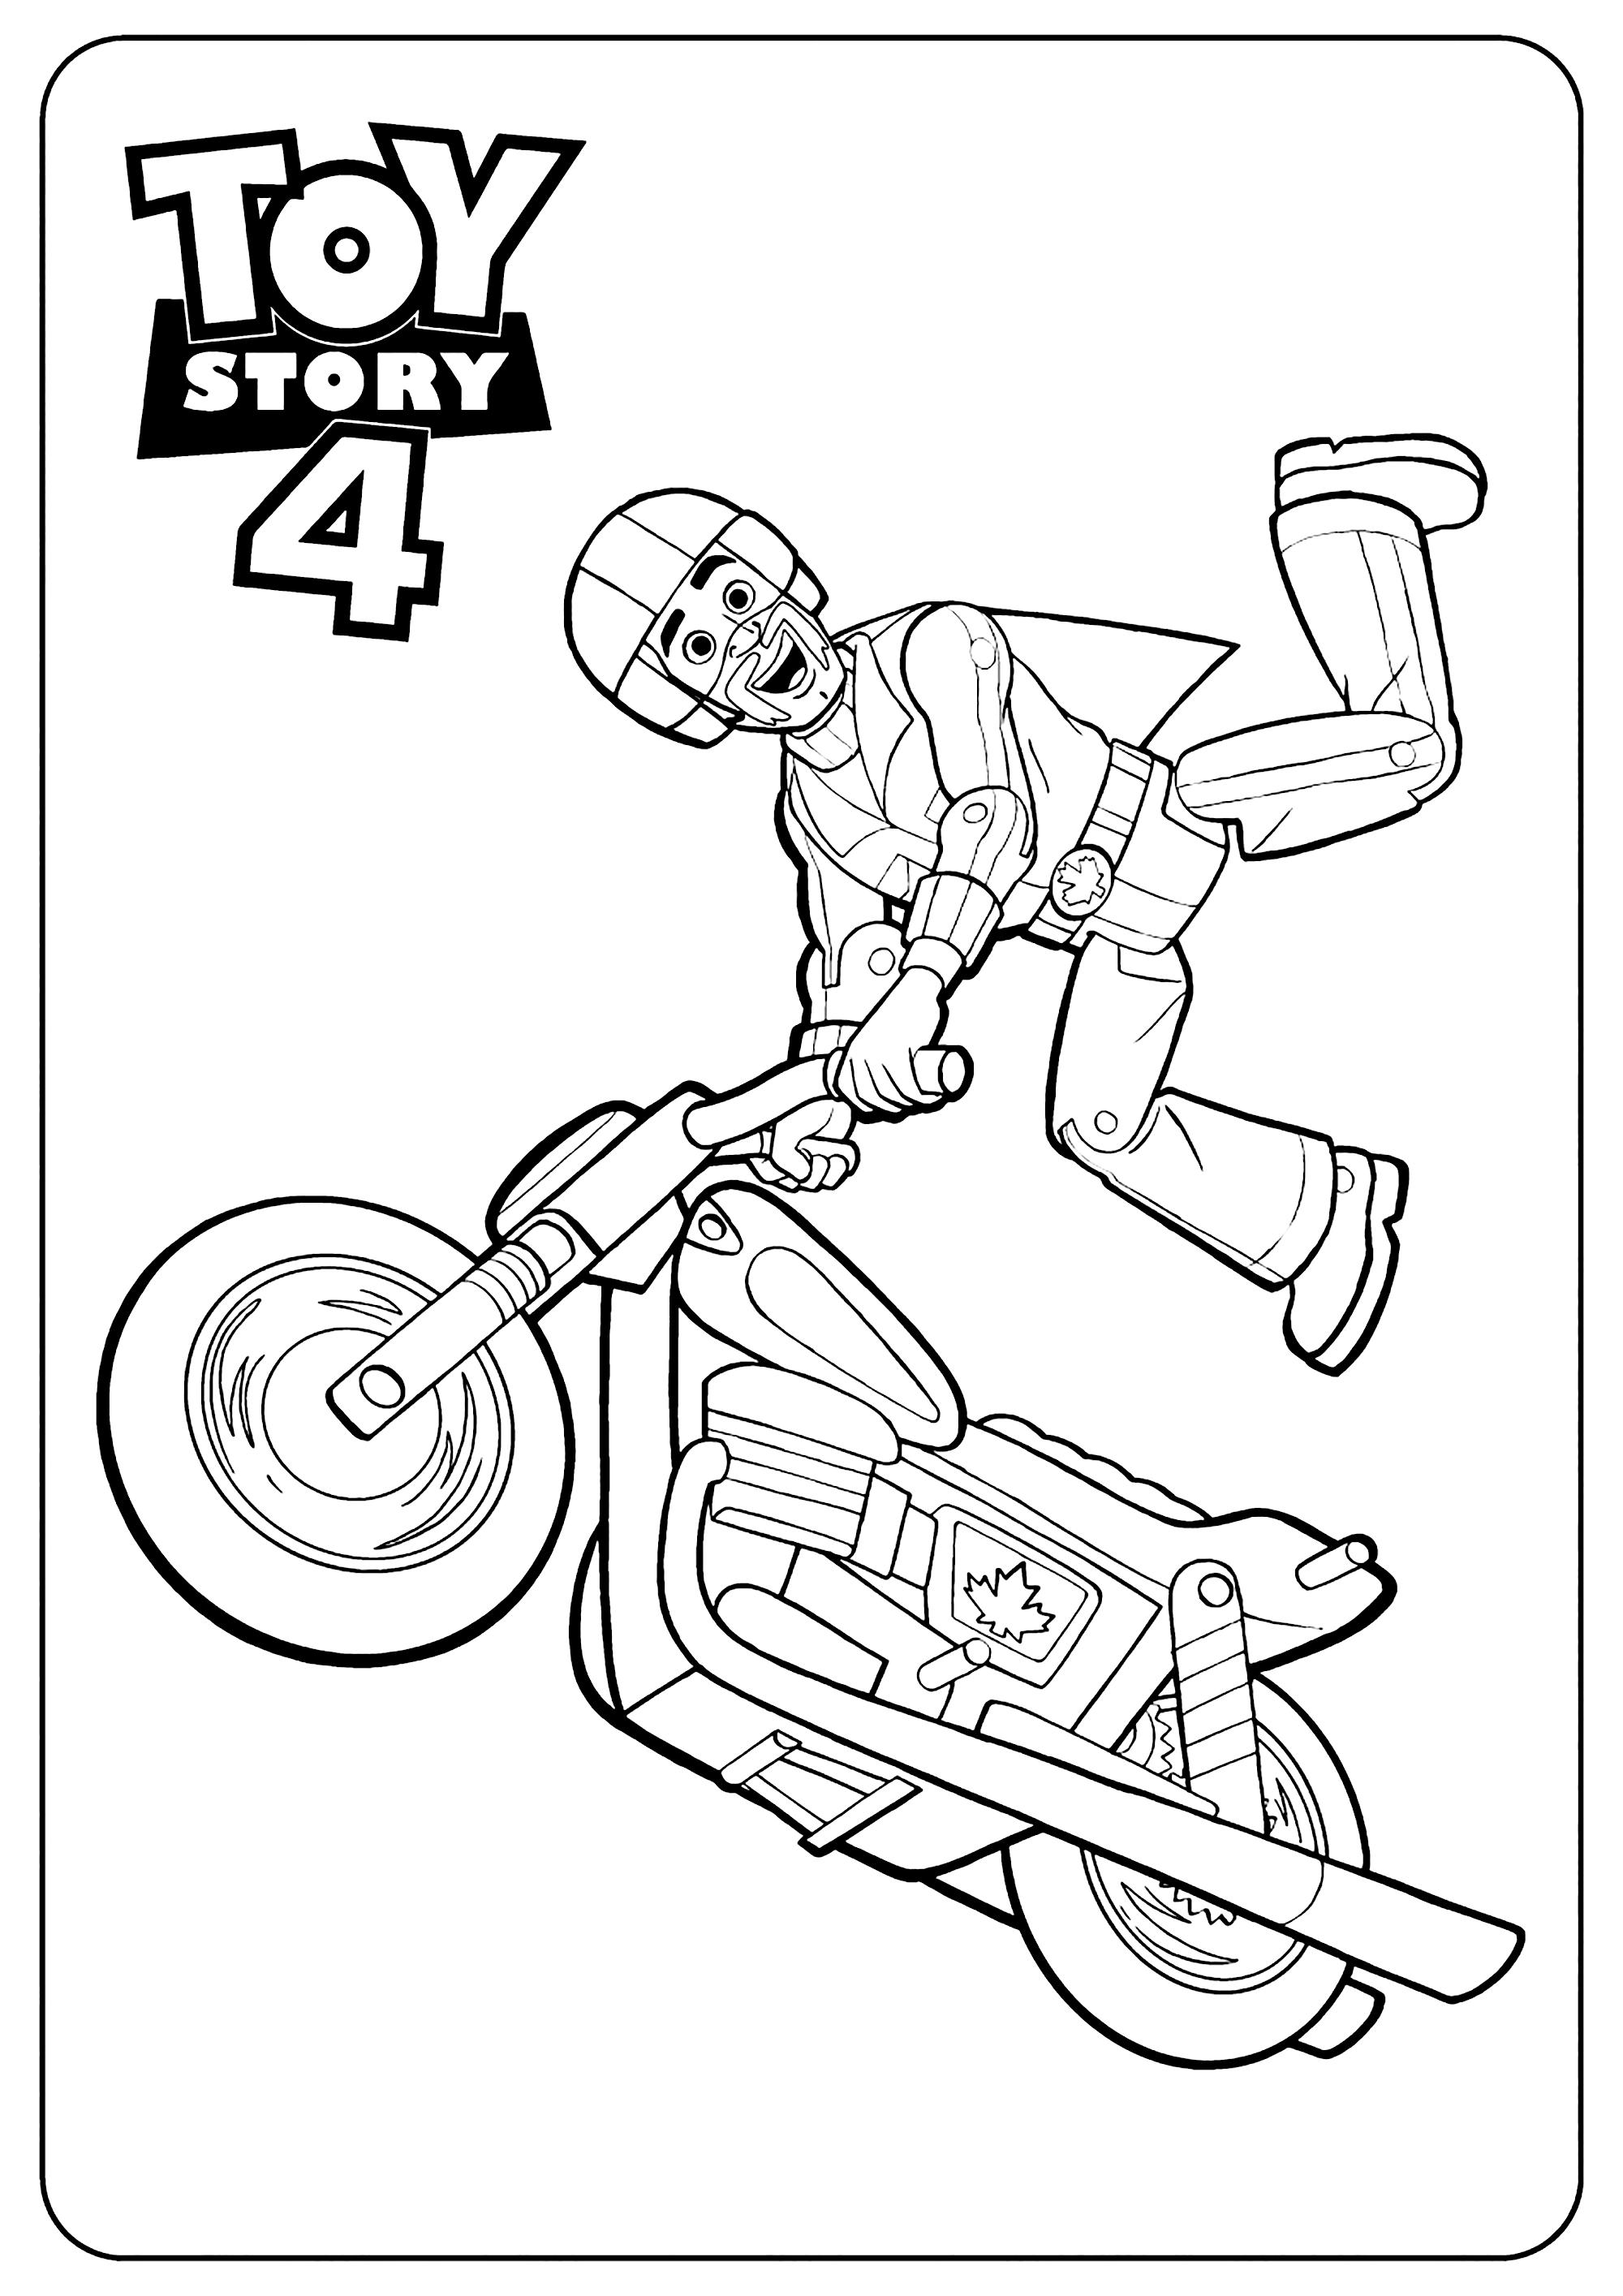 Incroyable coloriage de Toy Story 4 pour enfants : Duke Kaboom